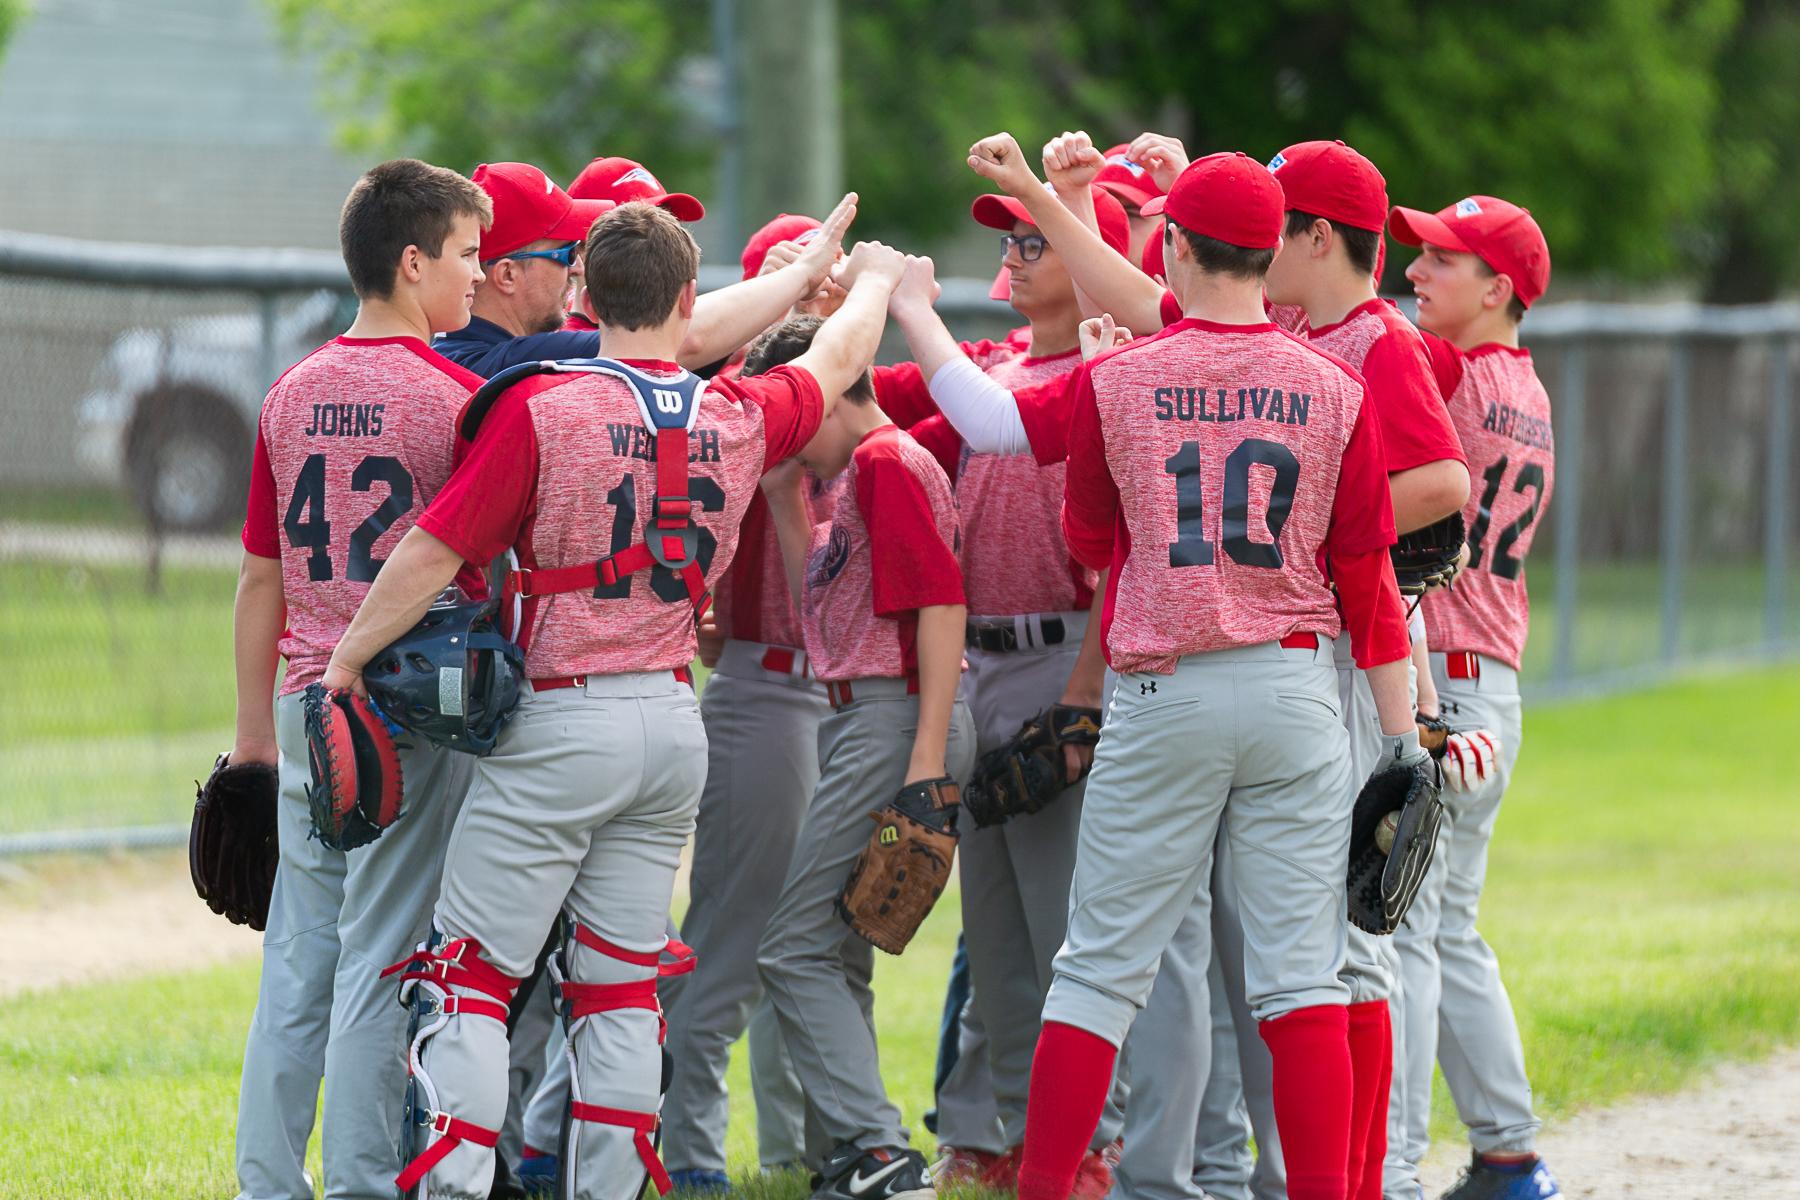 2018_JV_Baseball-3.jpg